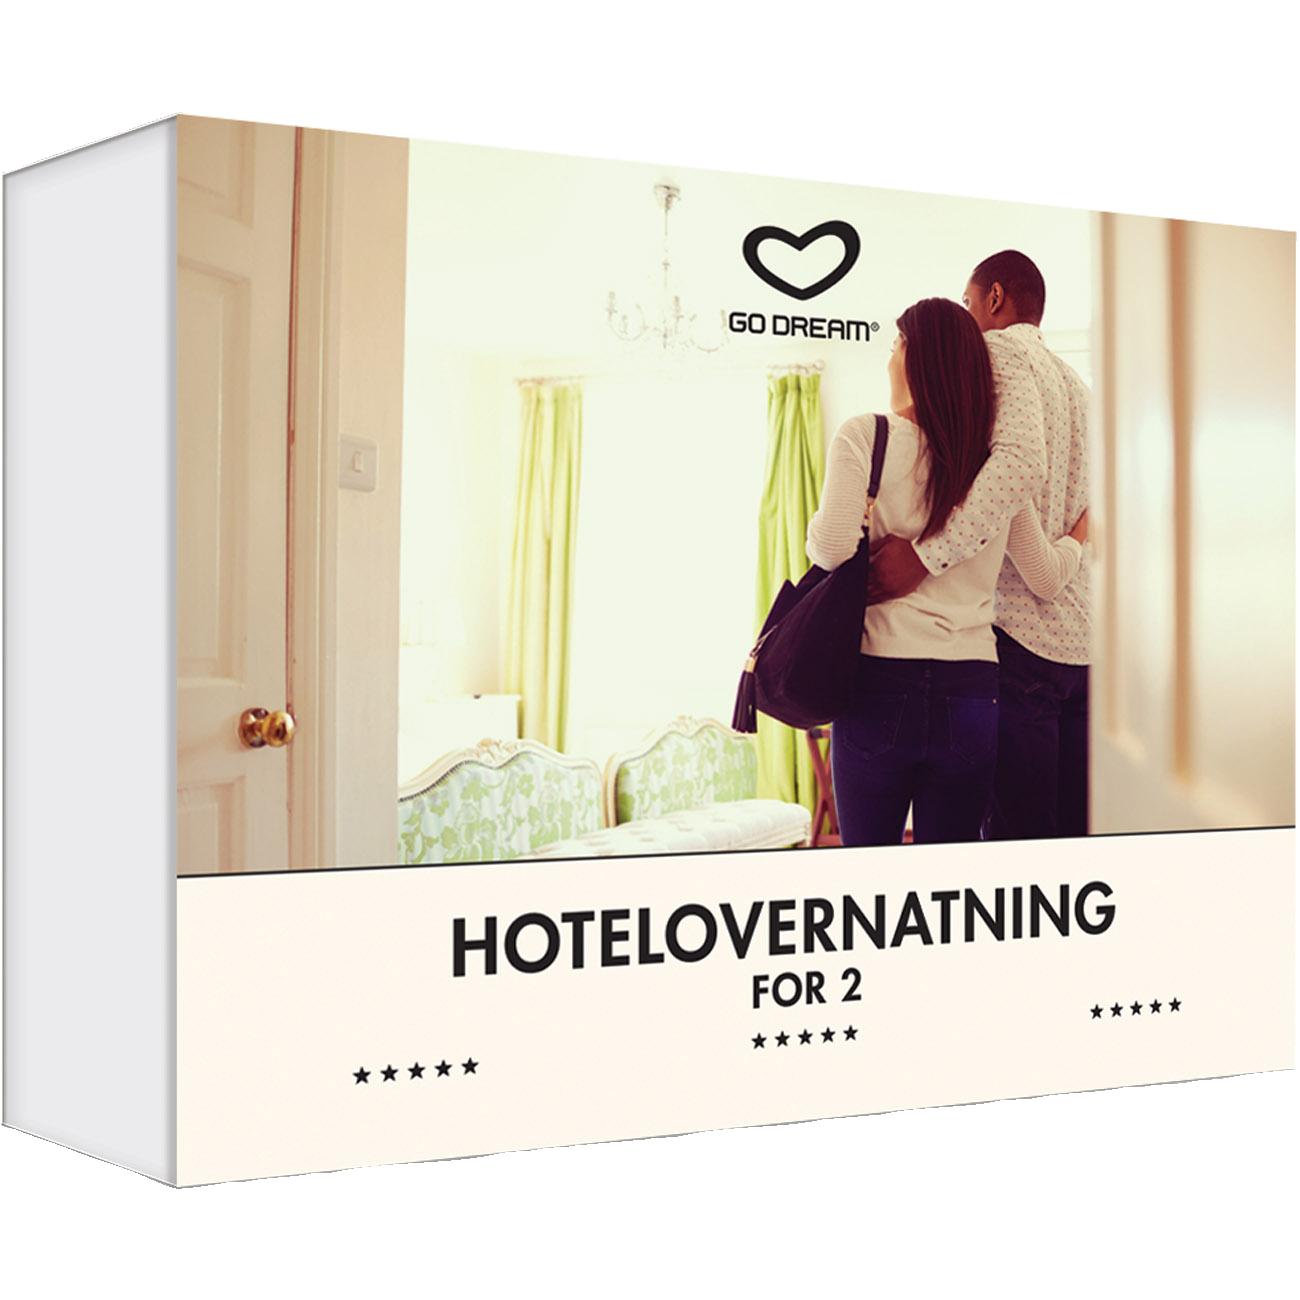 Go Dream 1 hotelovernatning for 2 - hele verden